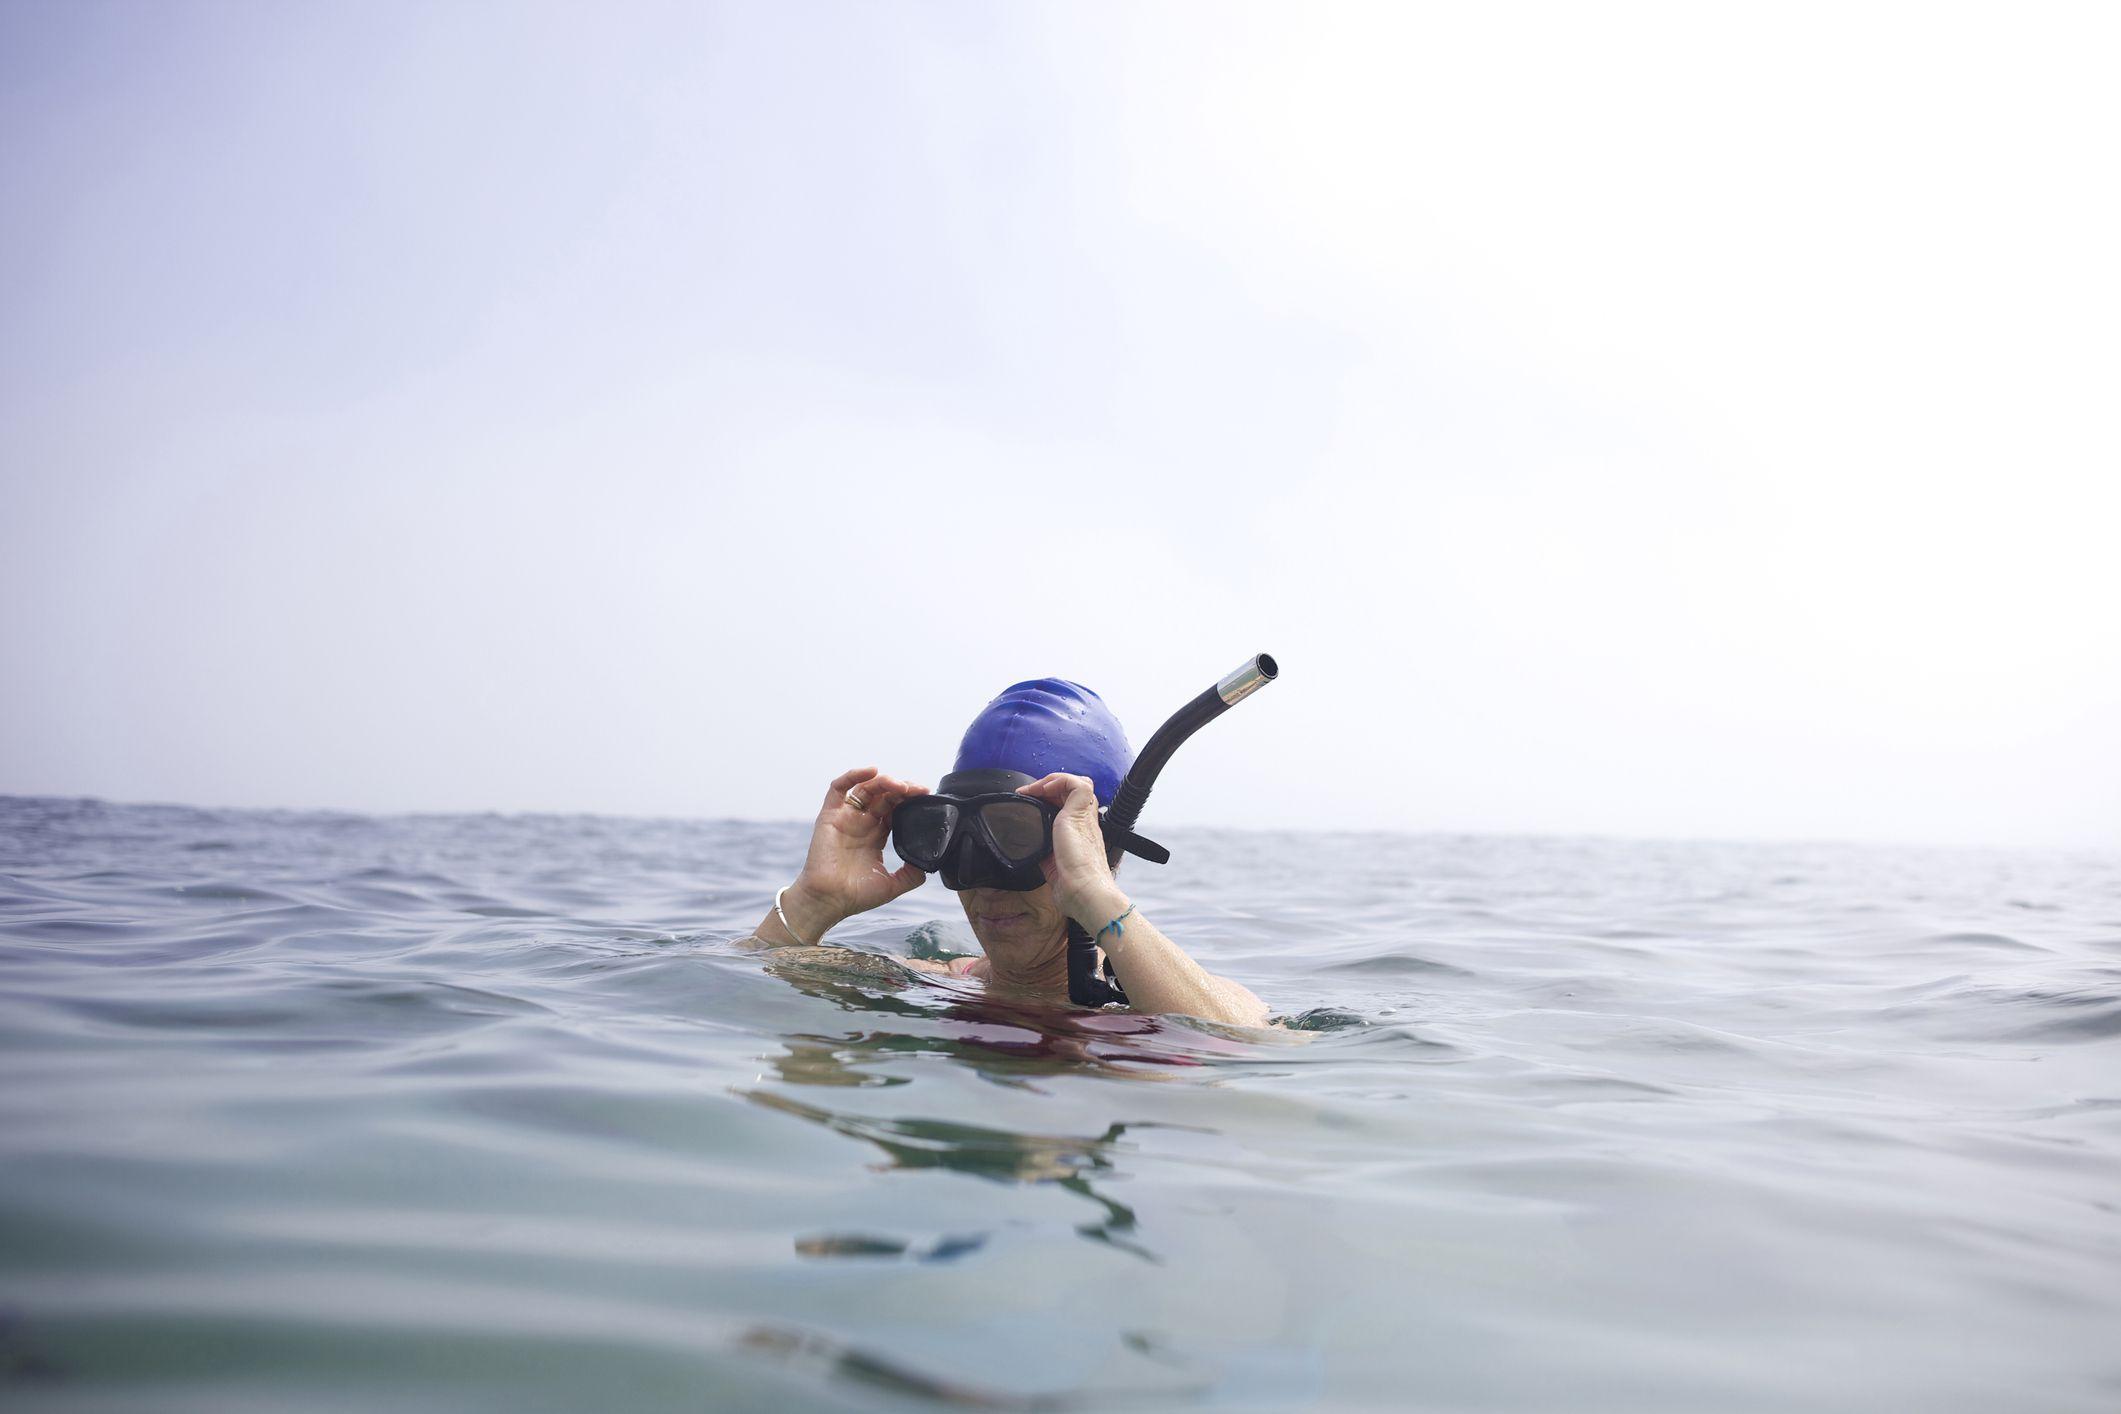 Swimming in San Diego's La Jolla Cove